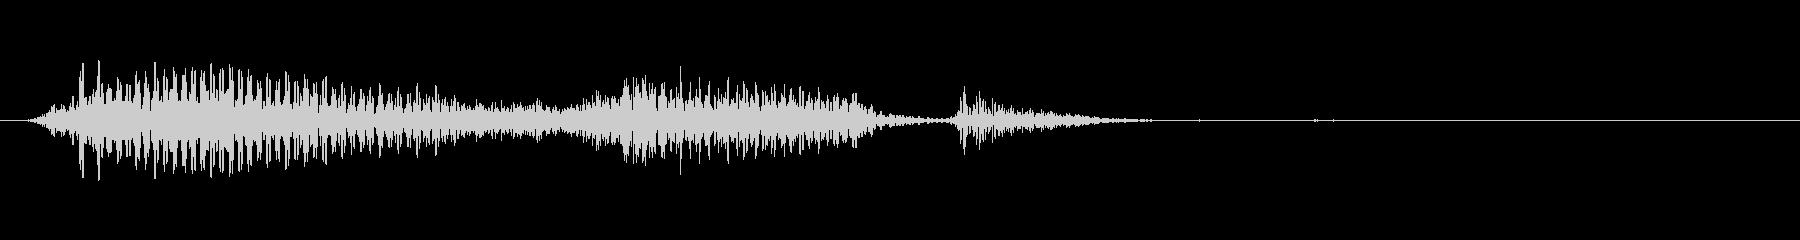 ロボットボイス『Music』です。の未再生の波形